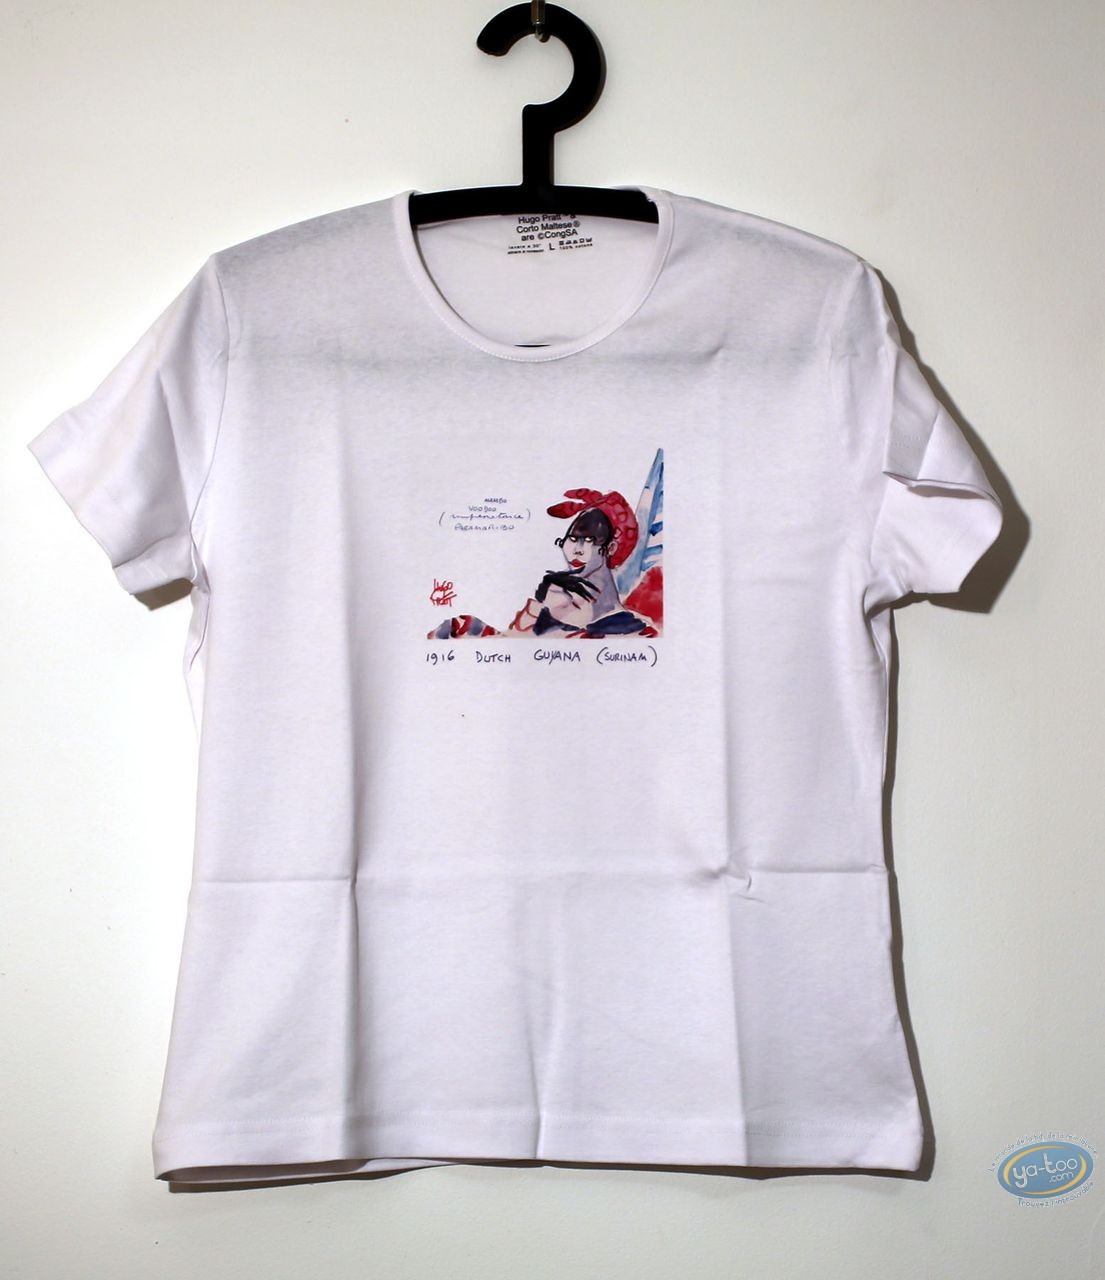 Clothes, Corto Maltese : T-shirt, Corto Maltese : Lady 05/03 Mambo size M